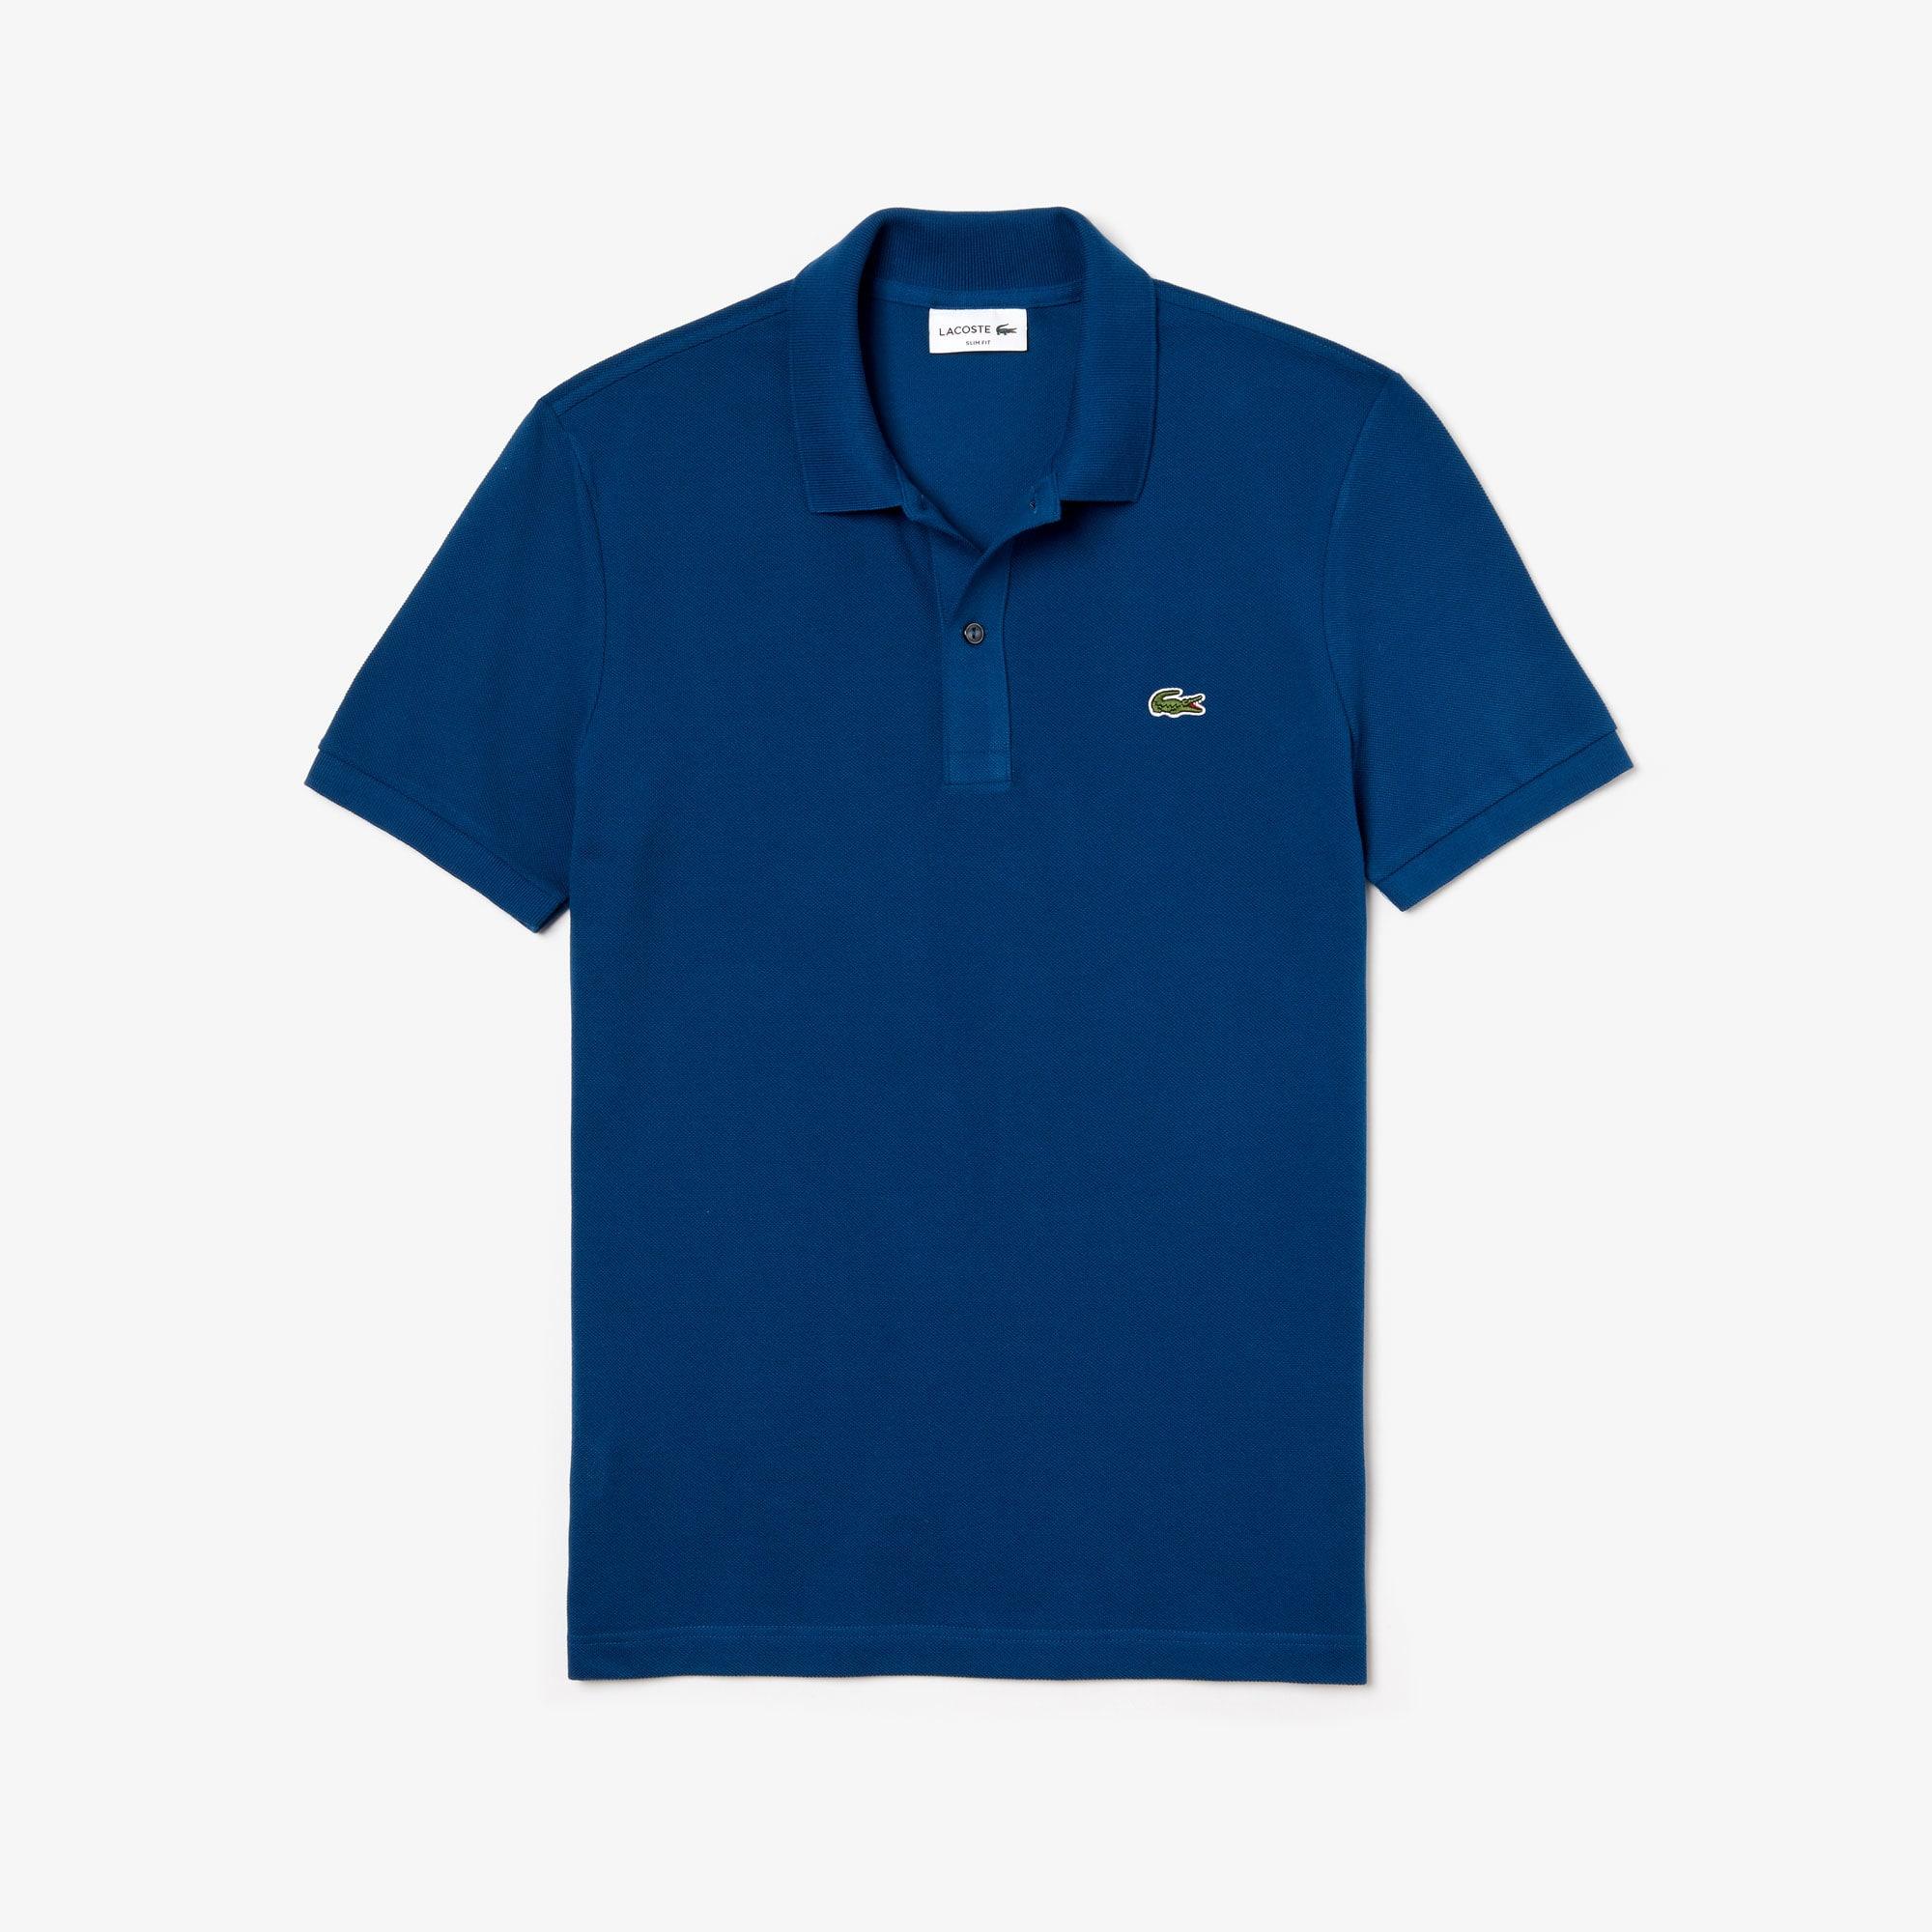 Lederwaren Und Lederwaren PolosKleidung OnlineLacoste OnlineLacoste Und PolosKleidung Und PolosKleidung FJKlc1